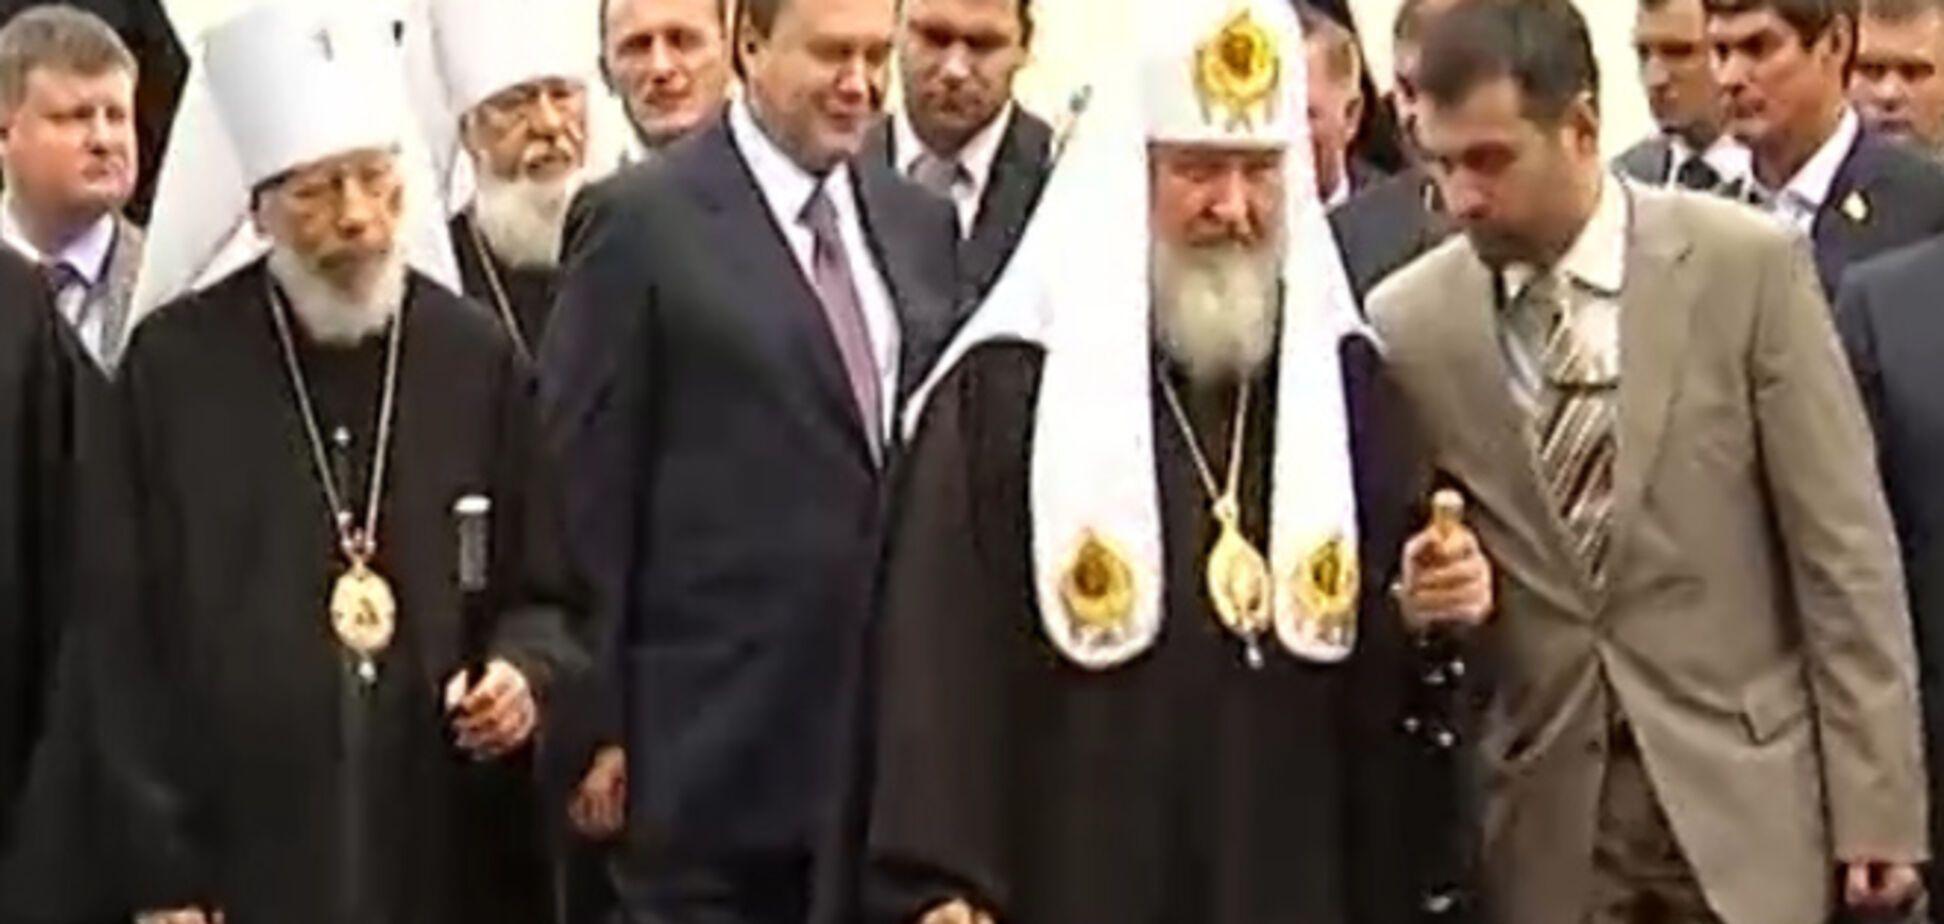 Россия готовила диверсии в Украины под прикрытием РПЦ – СМИ